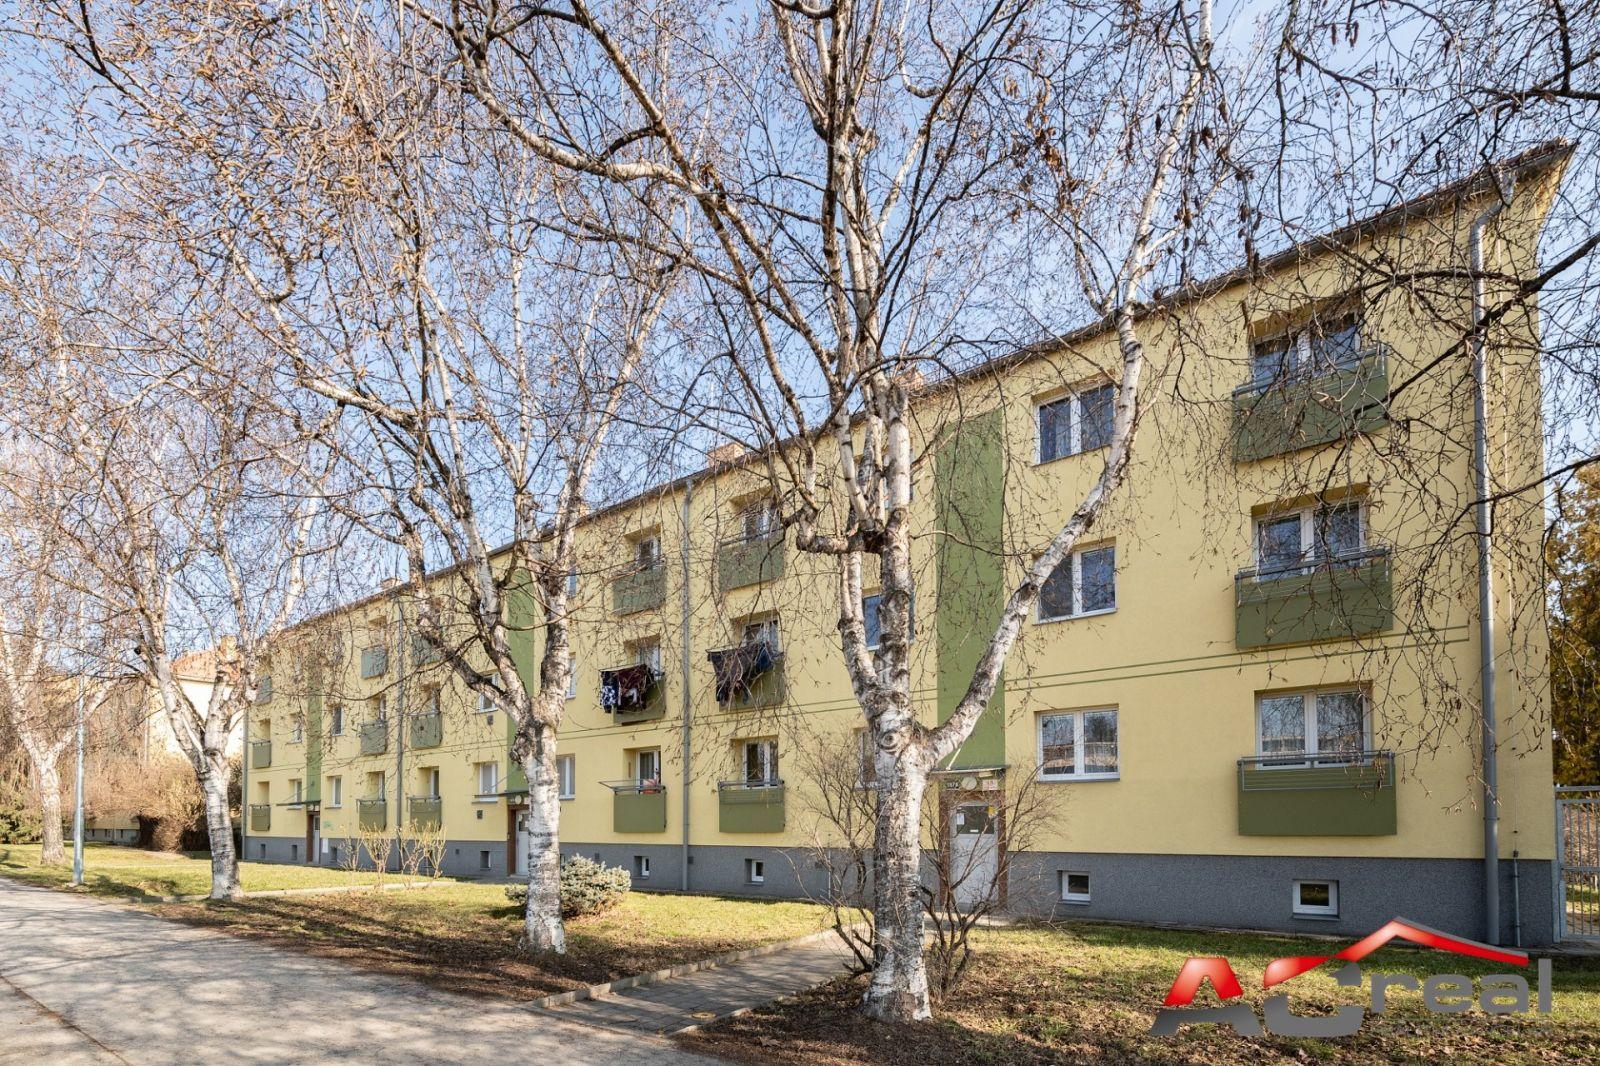 Pronájem bytu 1+1 po rekonstrukci na ul. Hradecká.